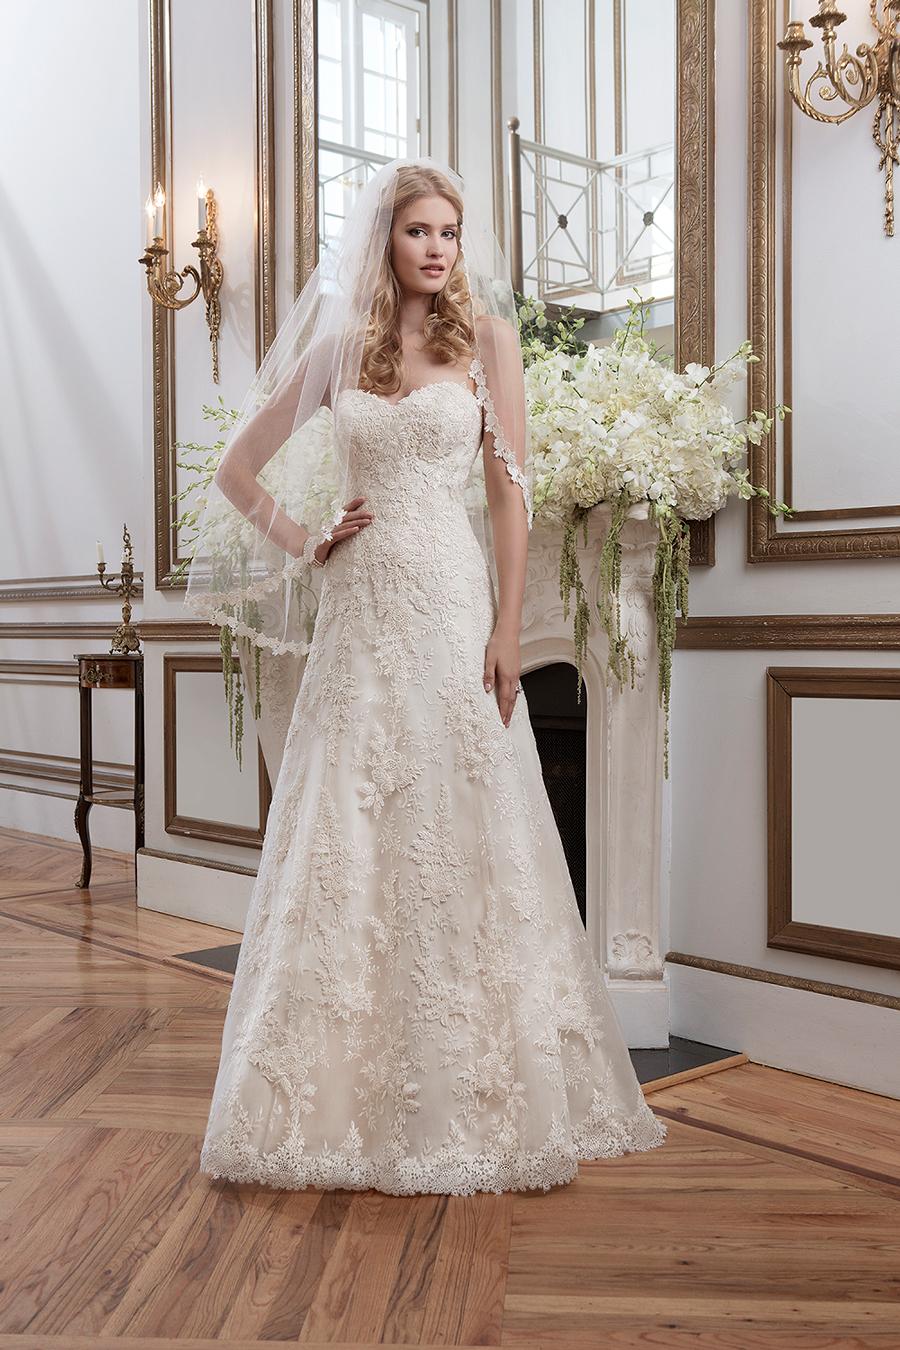 Precioso vestido con bordados